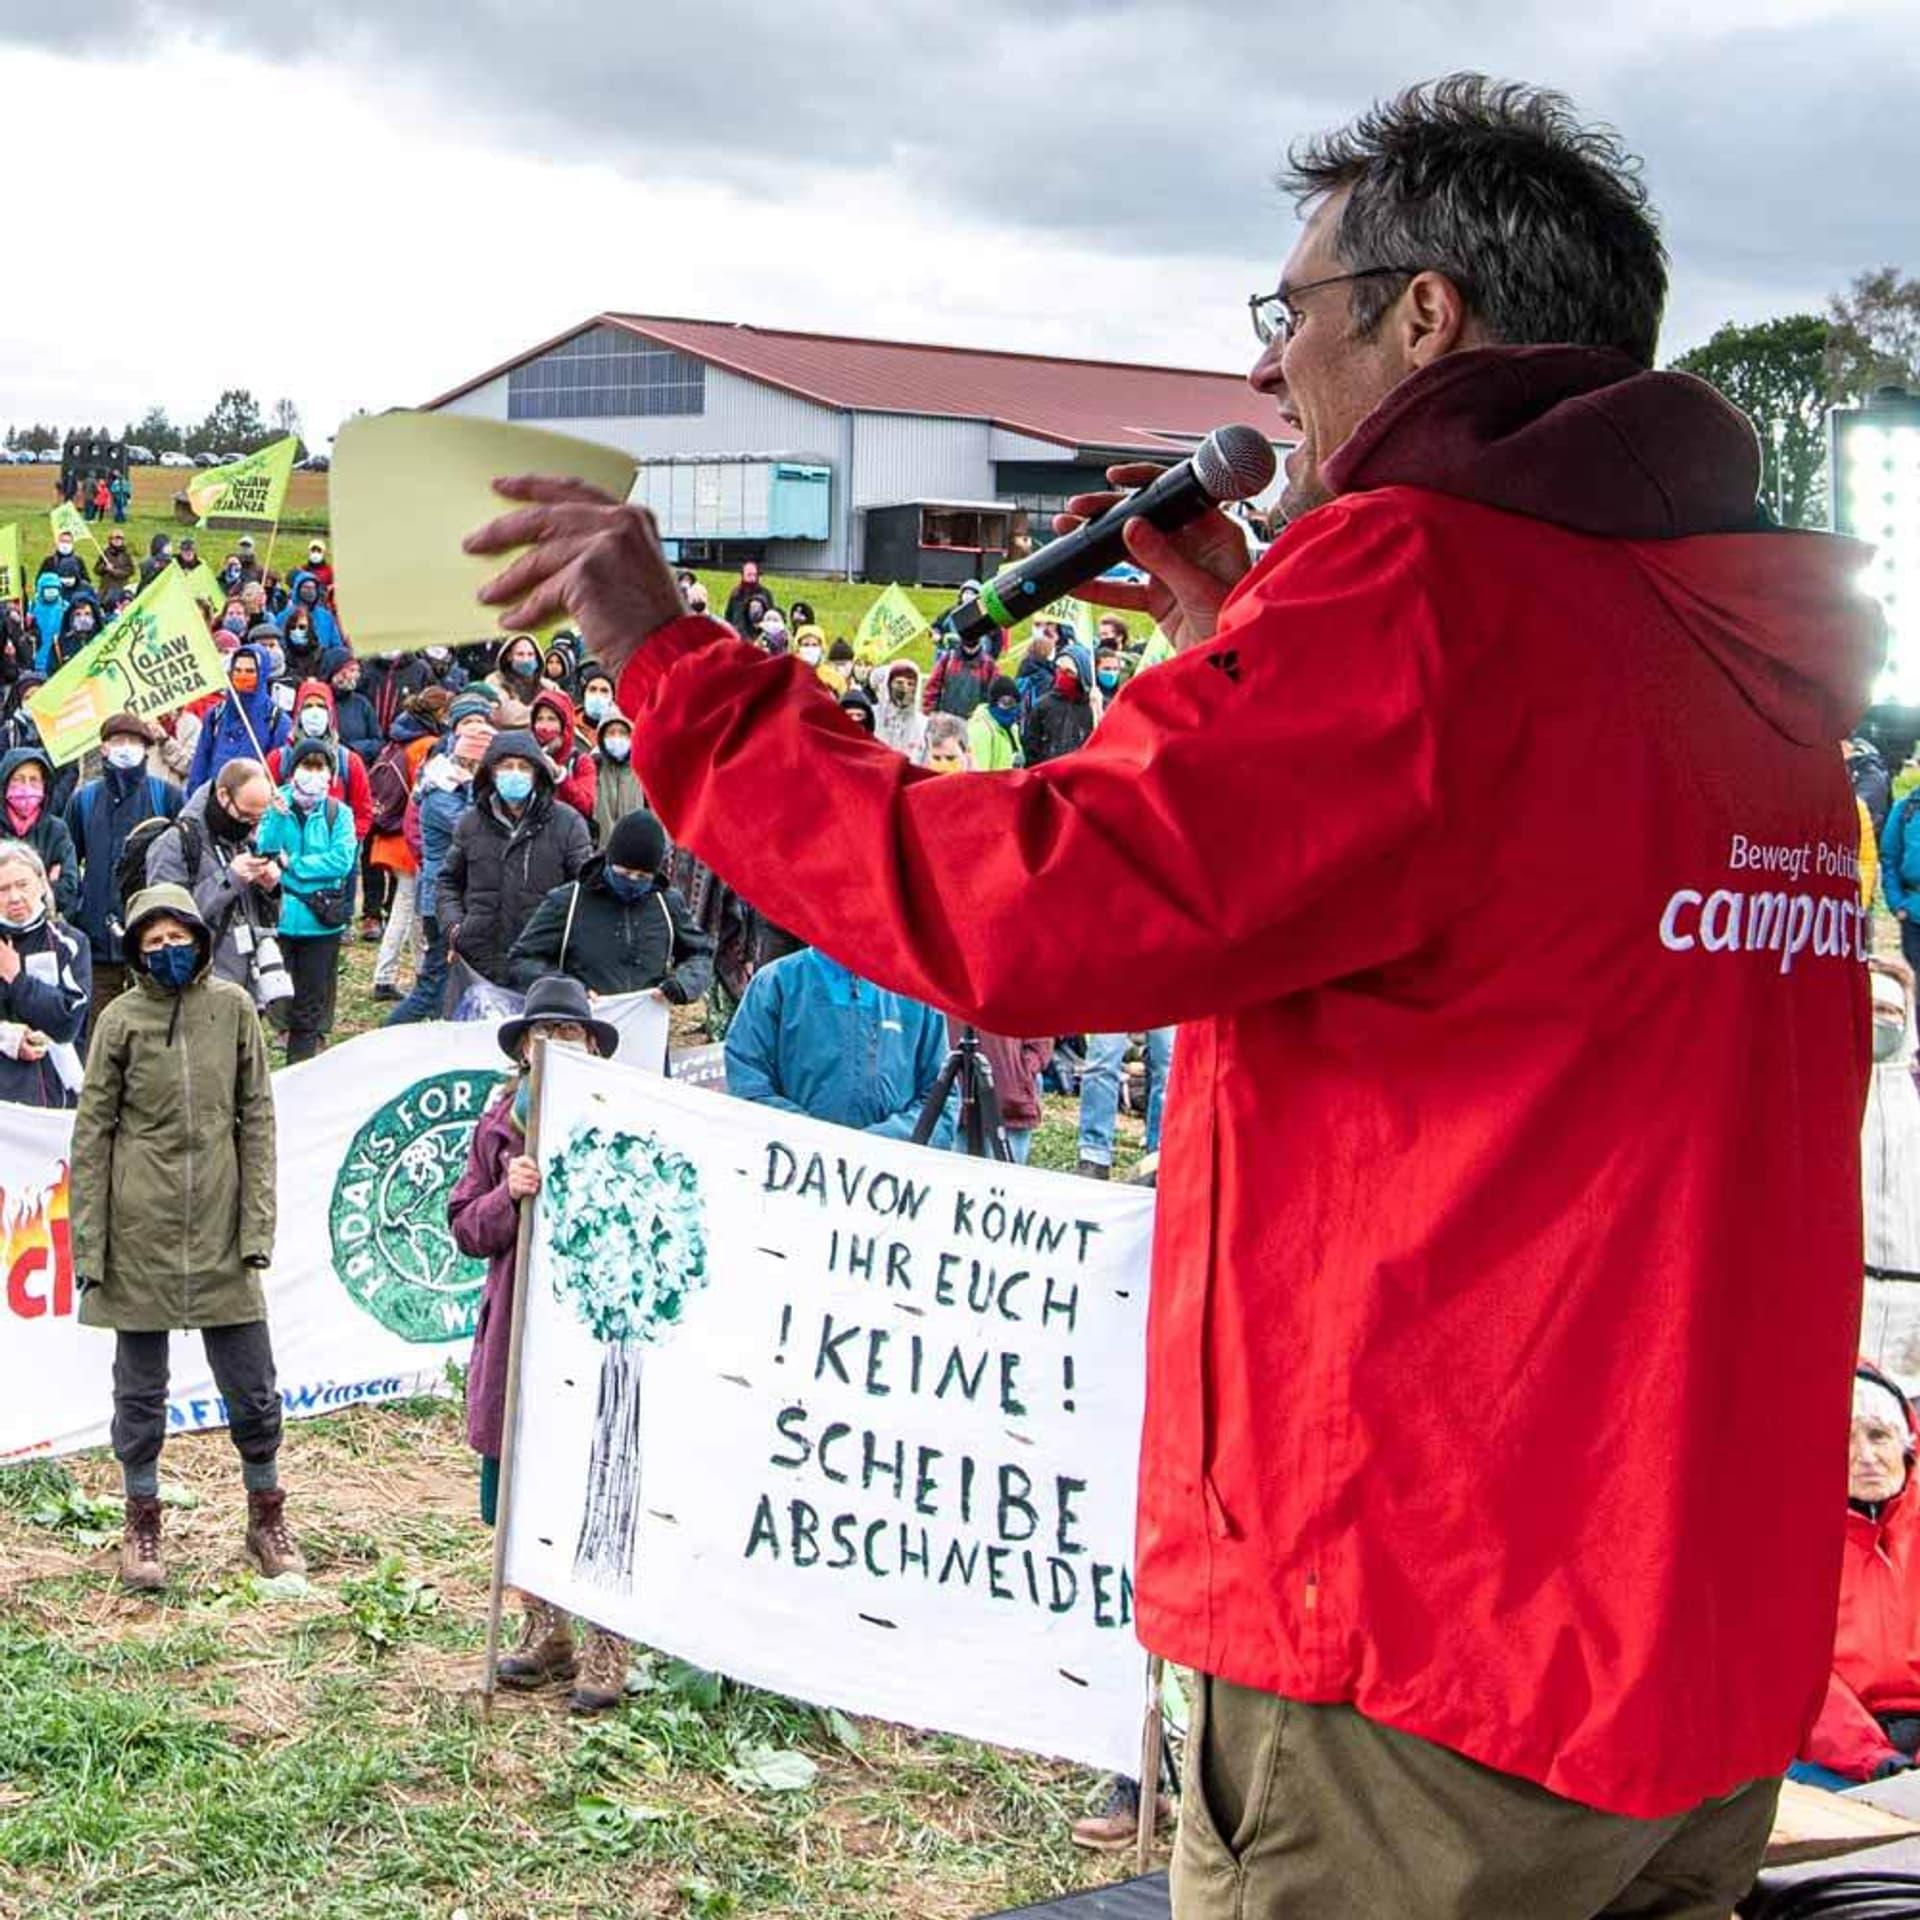 Christoph Bautz von Campact bei einer Demo.